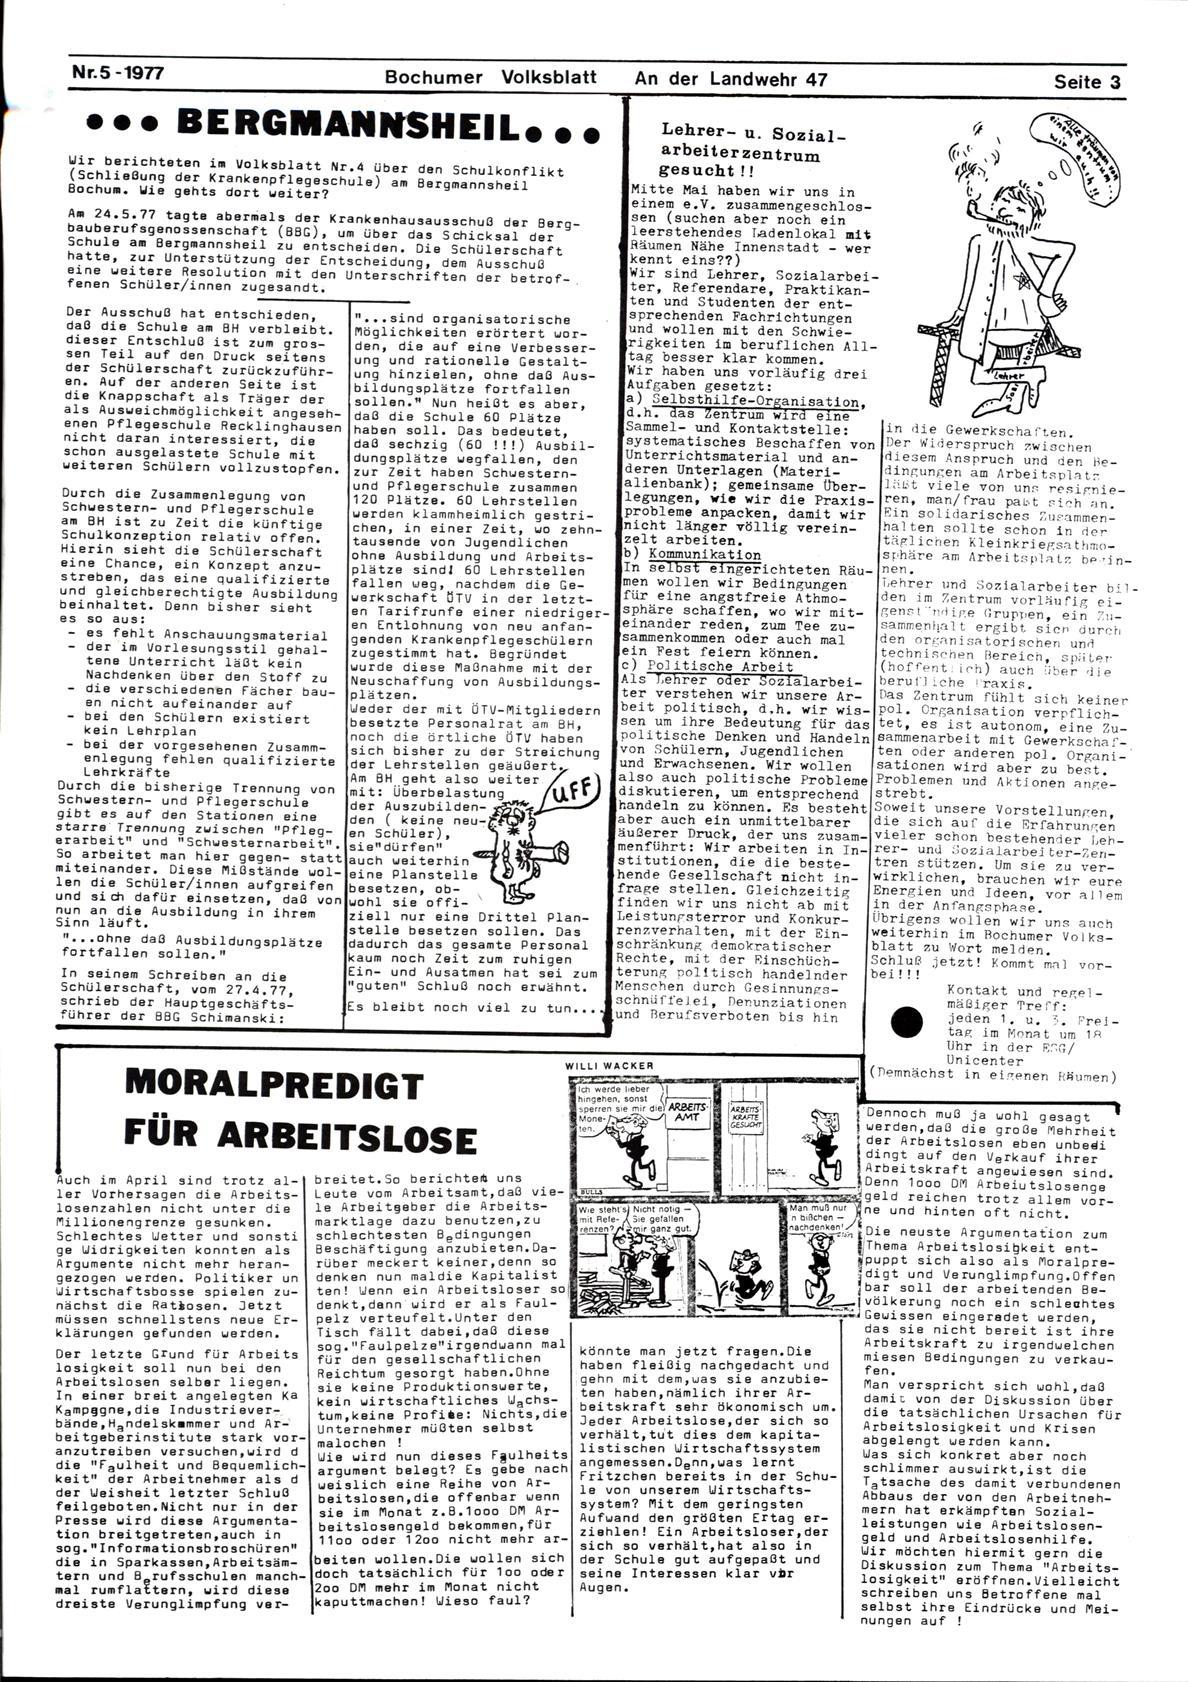 Bochum_Volksblatt_19770600_05_03